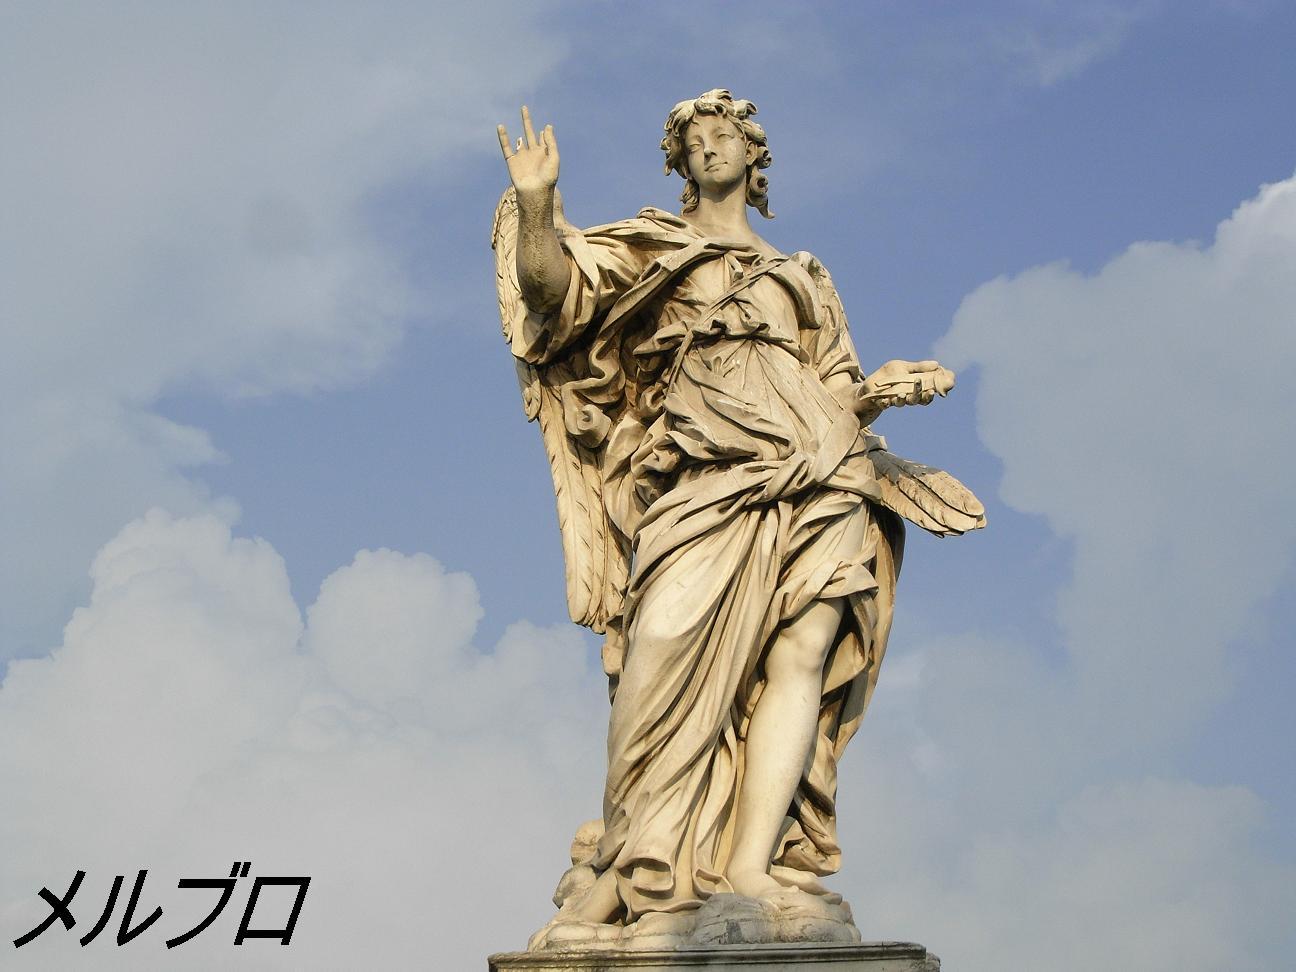 天使の像1